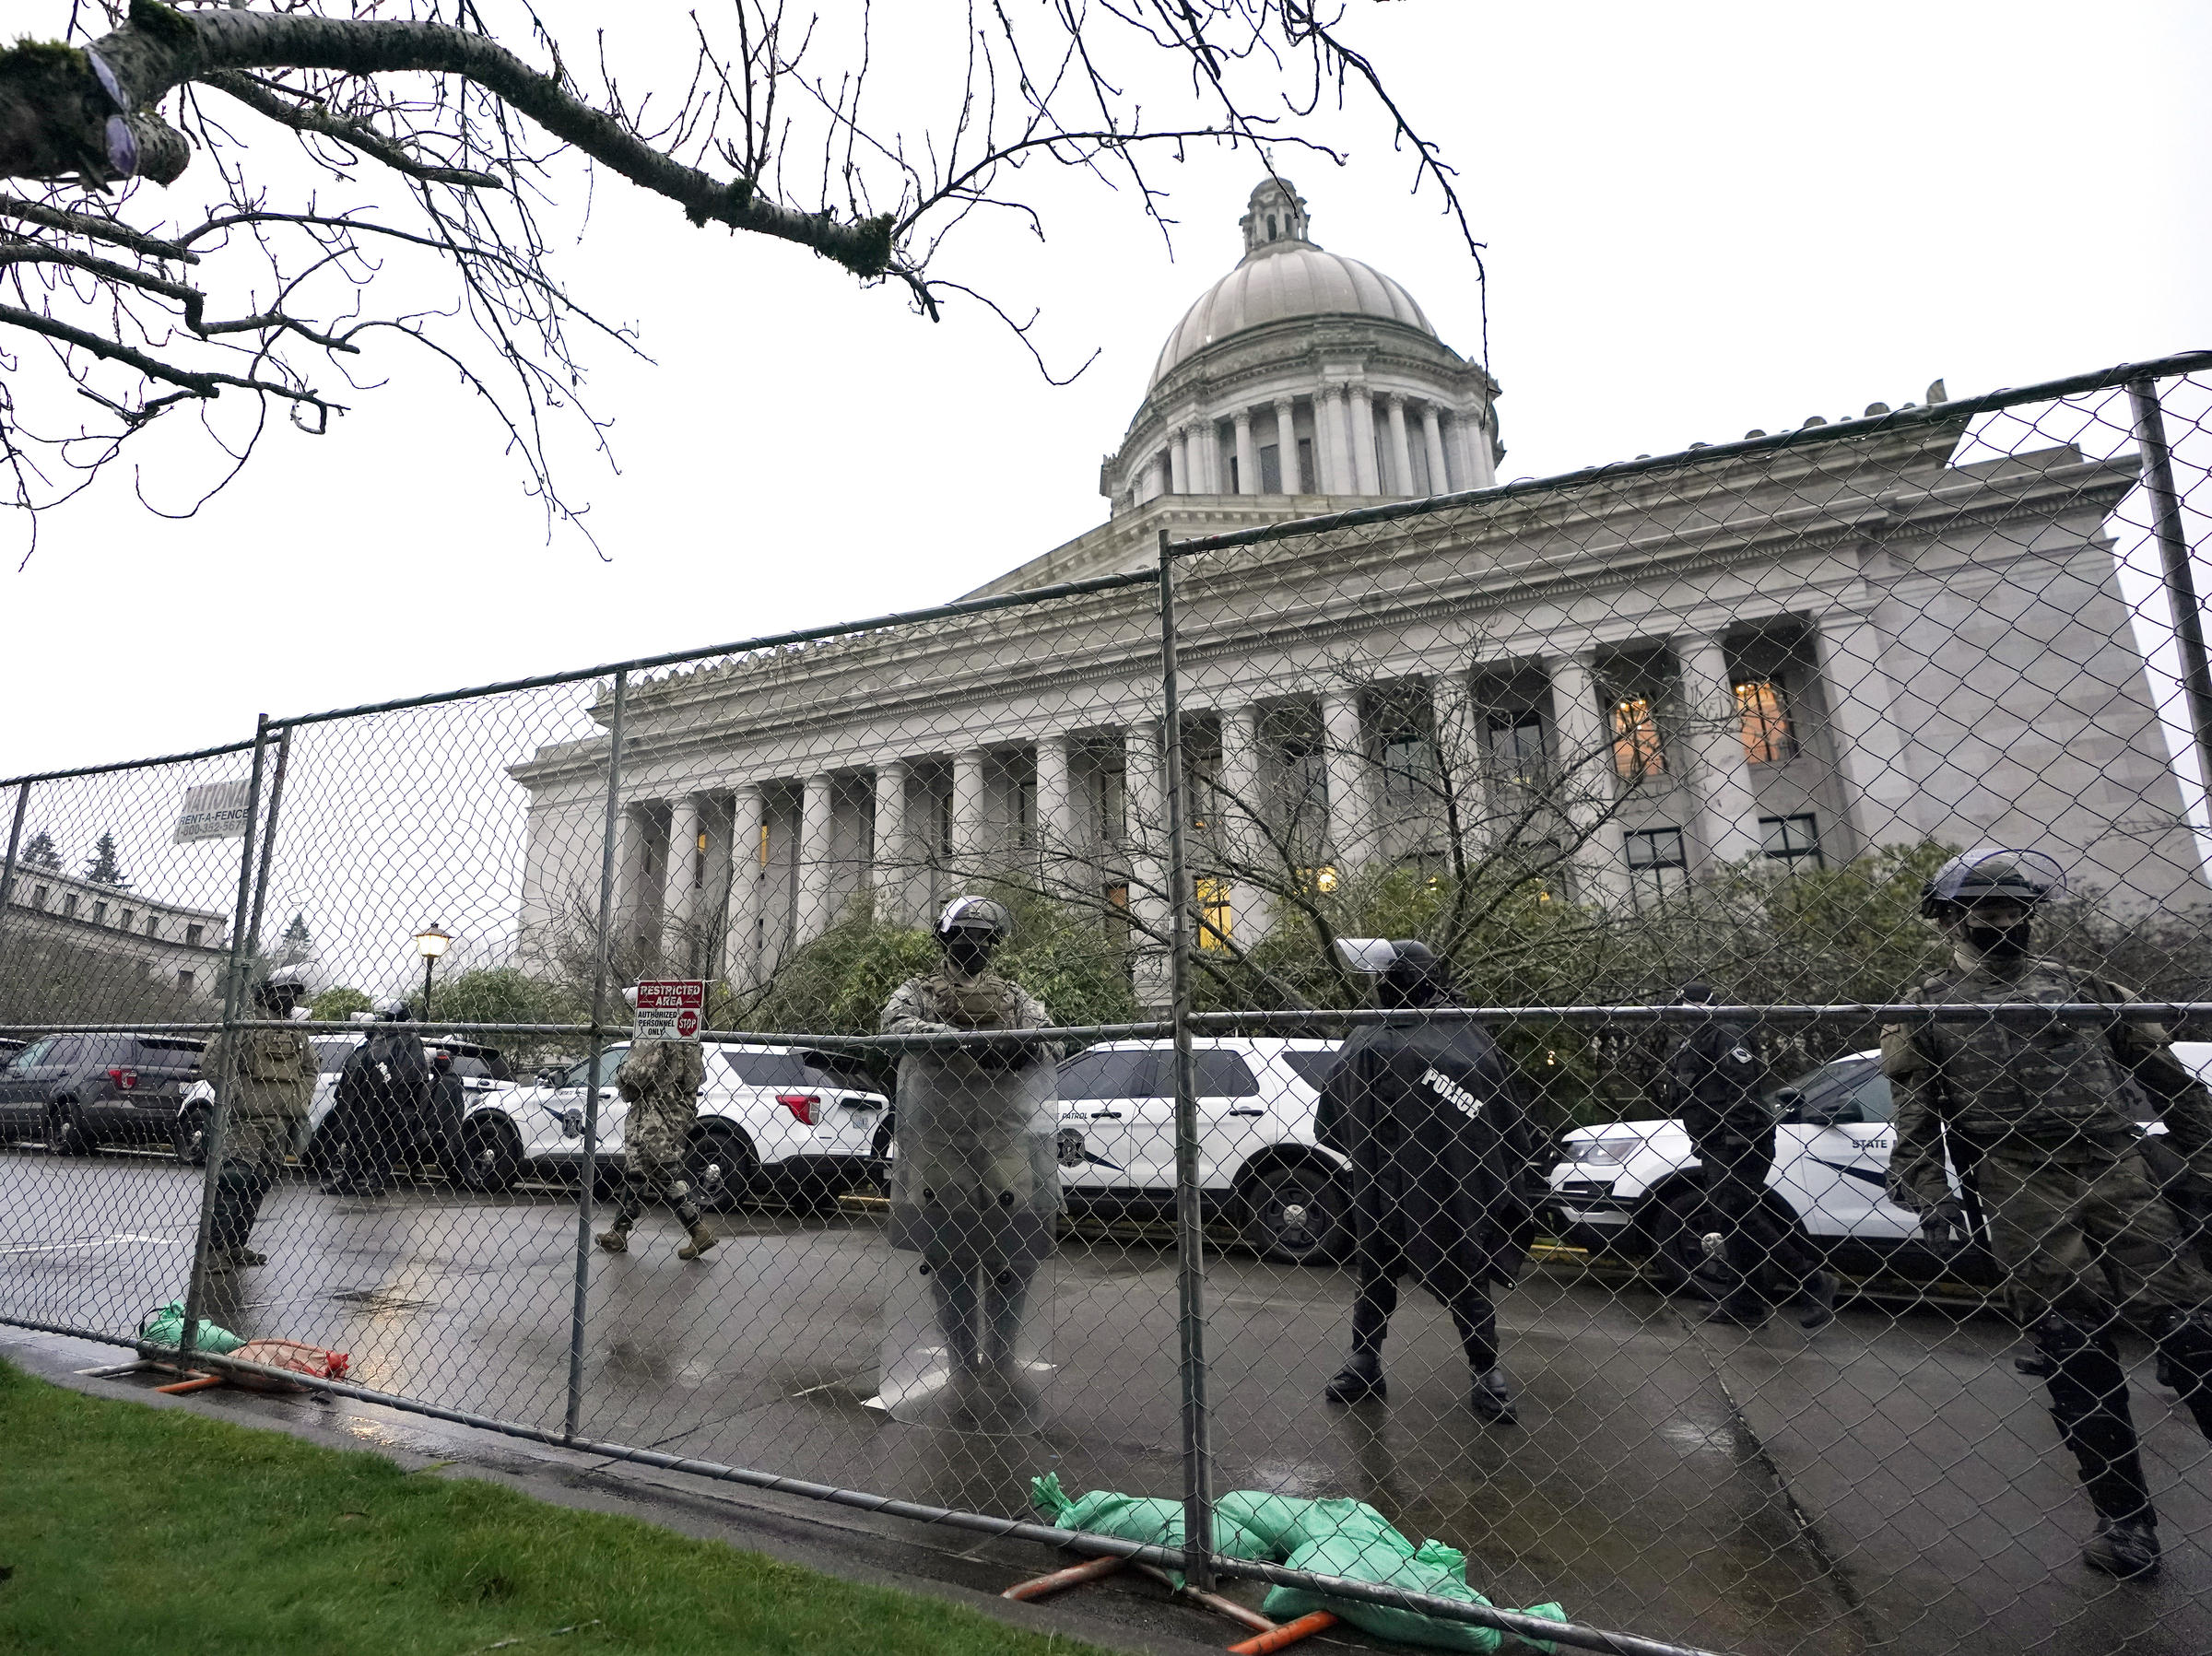 上周華盛頓國會遭圍困後,各州議會大樓的保安都得到加強。圖為國民警衛隊在華盛頓州奧林匹亞的議會內巡邏。    美聯社